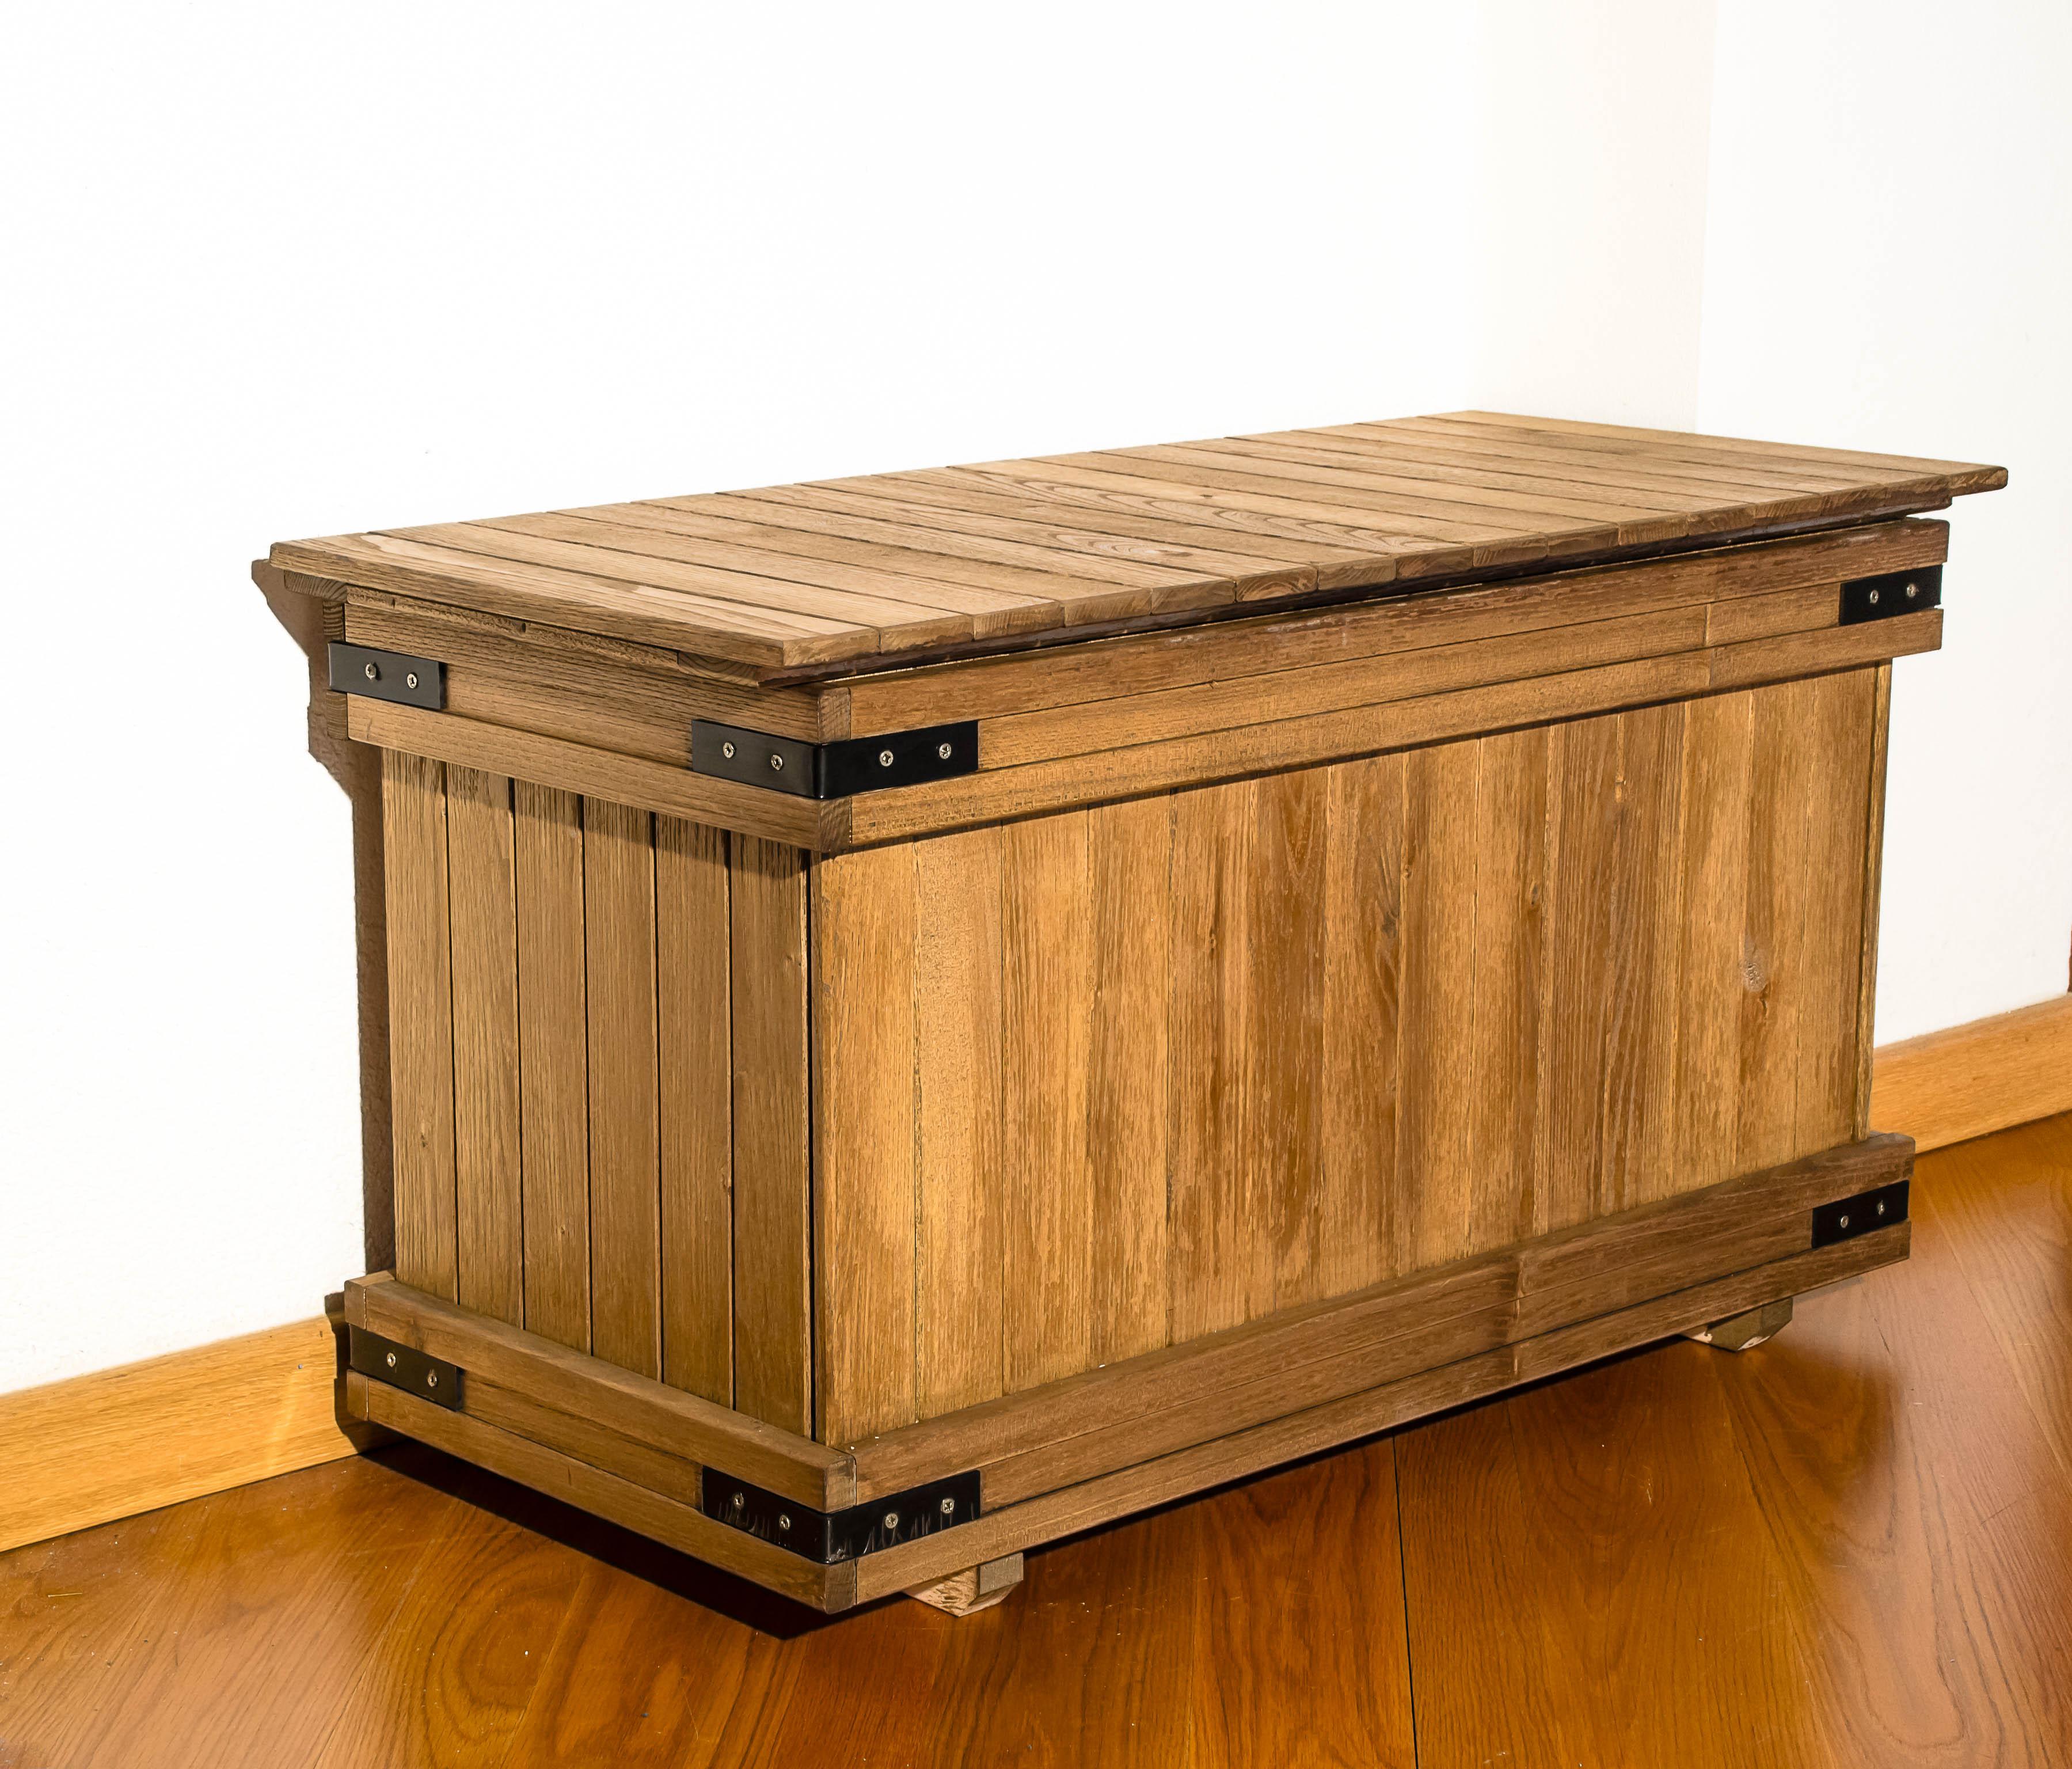 cassapanca in legno per raccolta differenziata robinia